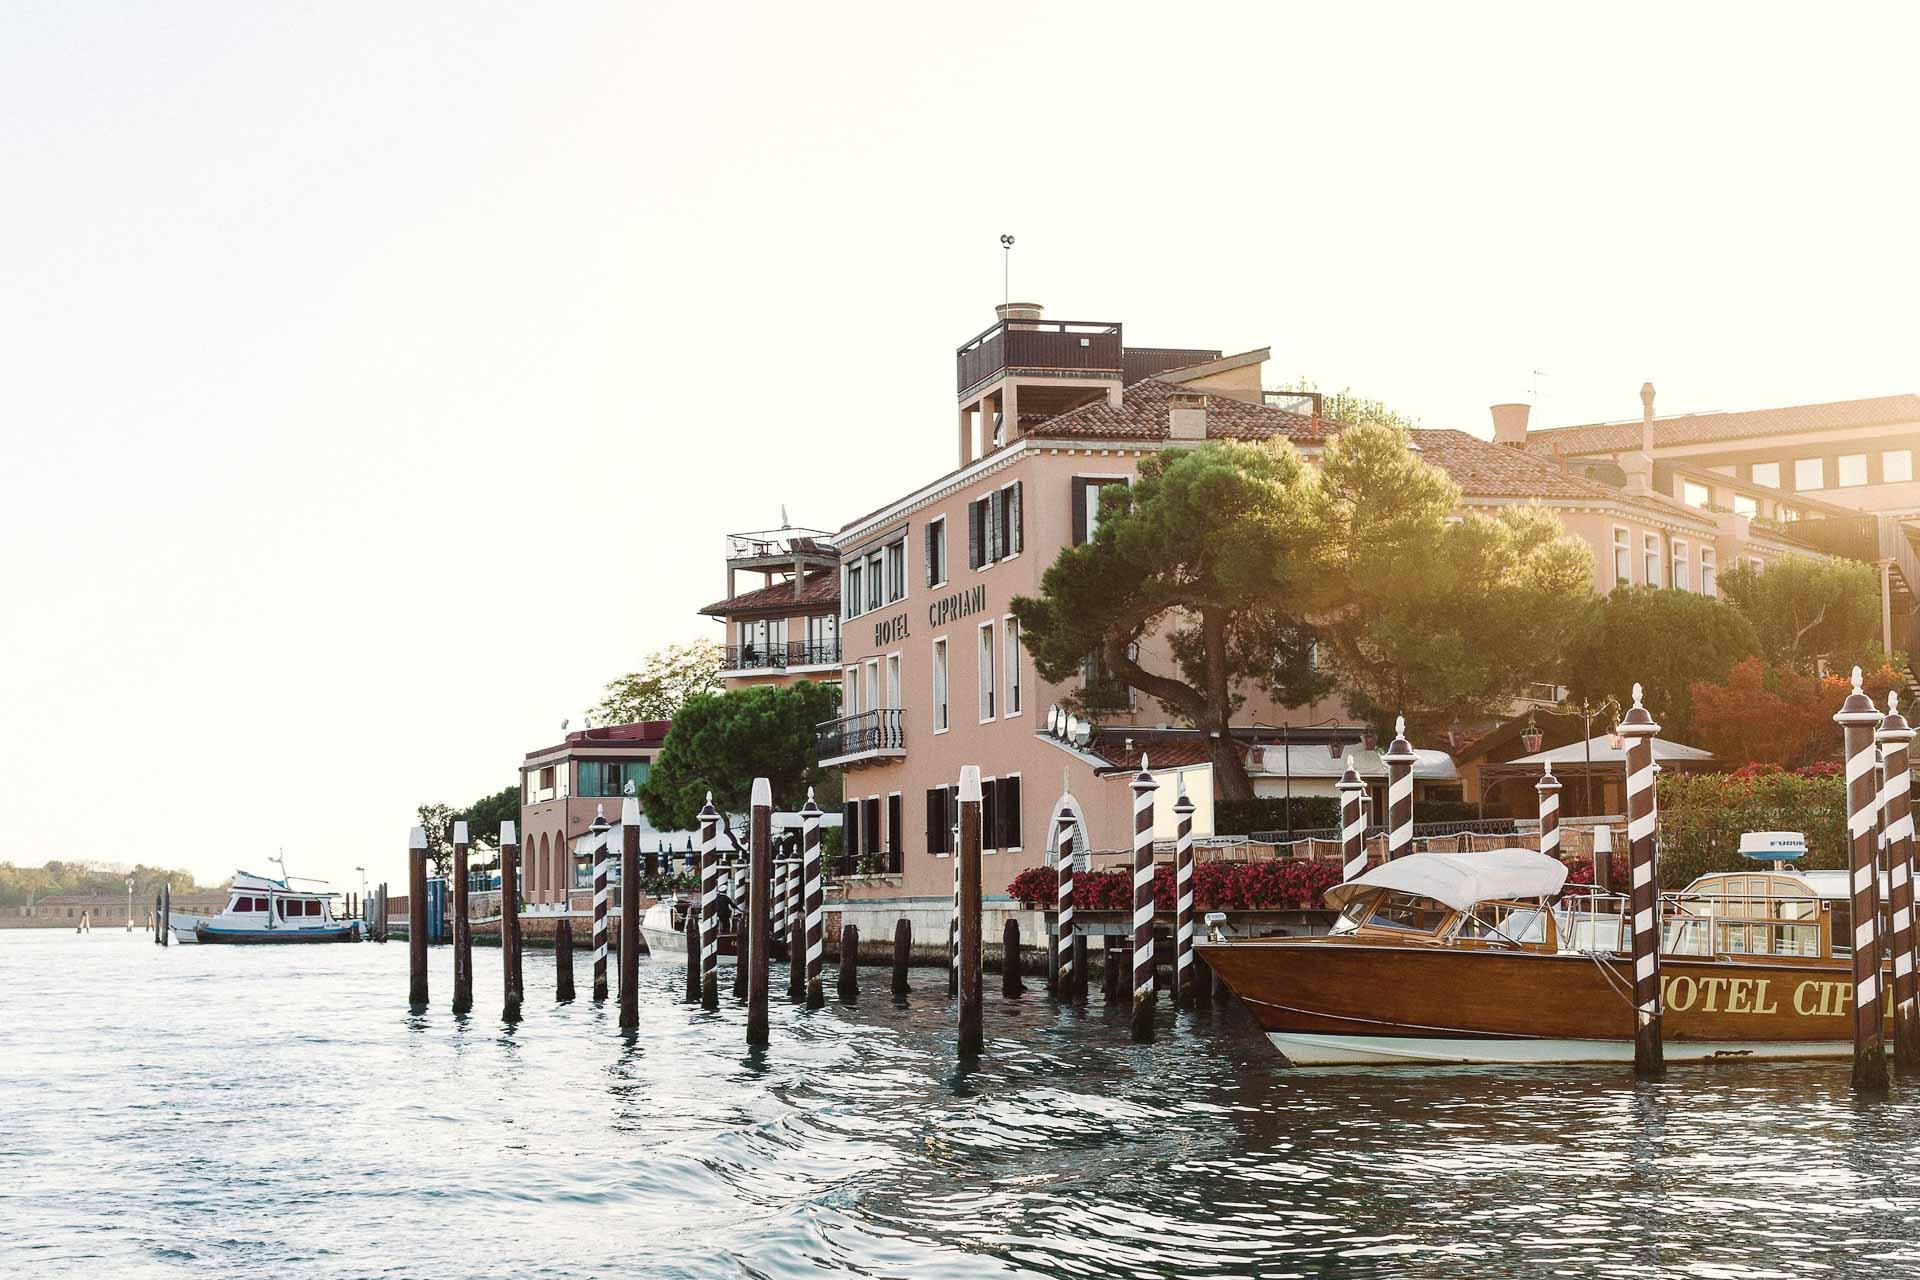 Quels sont les meilleurs hôtels de Venise ? La Sérénissime, destination historique et incontournable, compte des centaines d'adresses. Nous avons sélectionné 15 des plus beaux hôtels de Venise, du boutique-hôtel branché au palais intimiste en passant par les grands hôtels de légende.